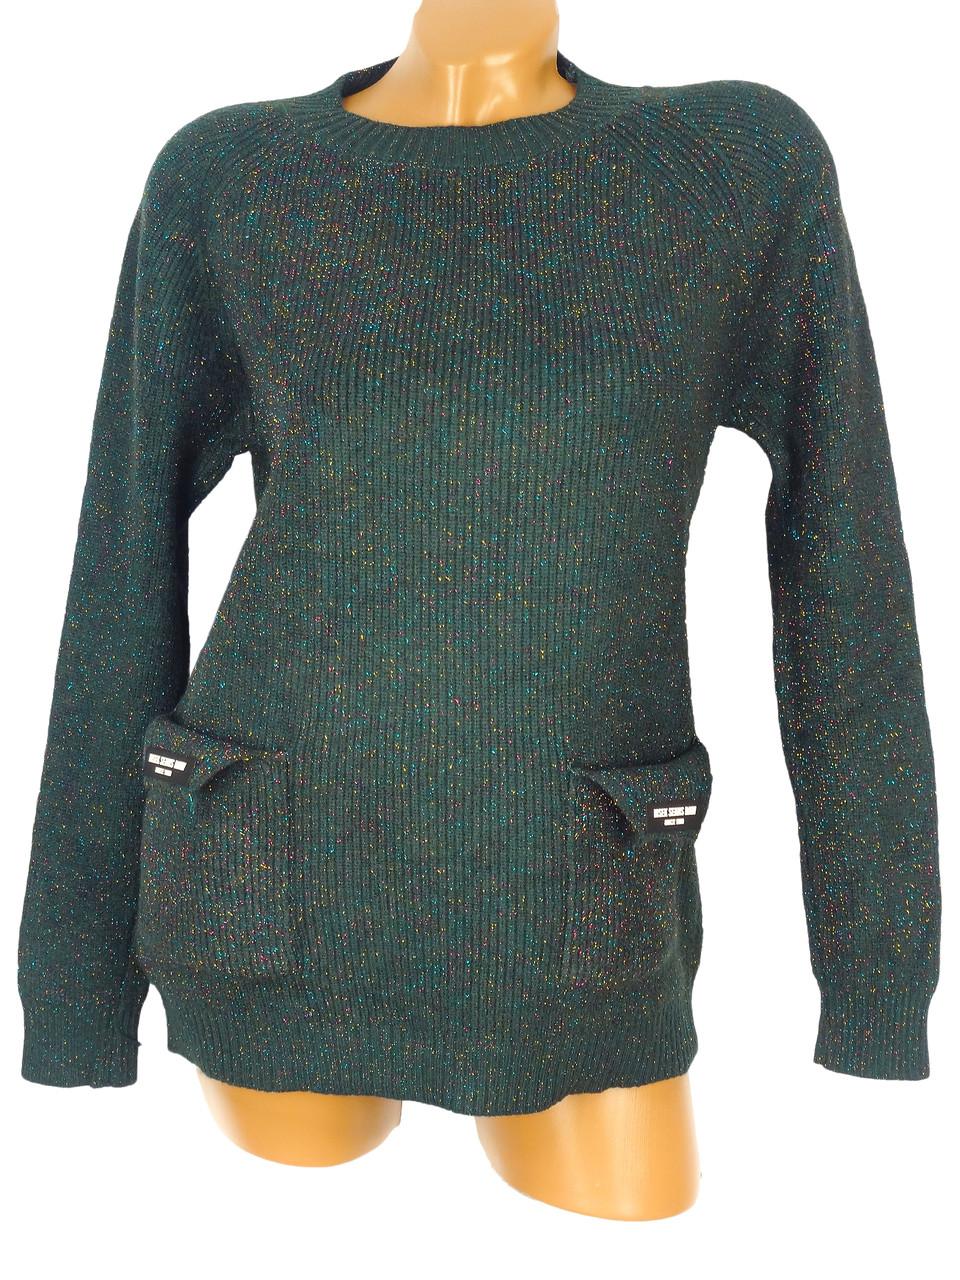 Блестящий женский свитер с карманами (42-46)